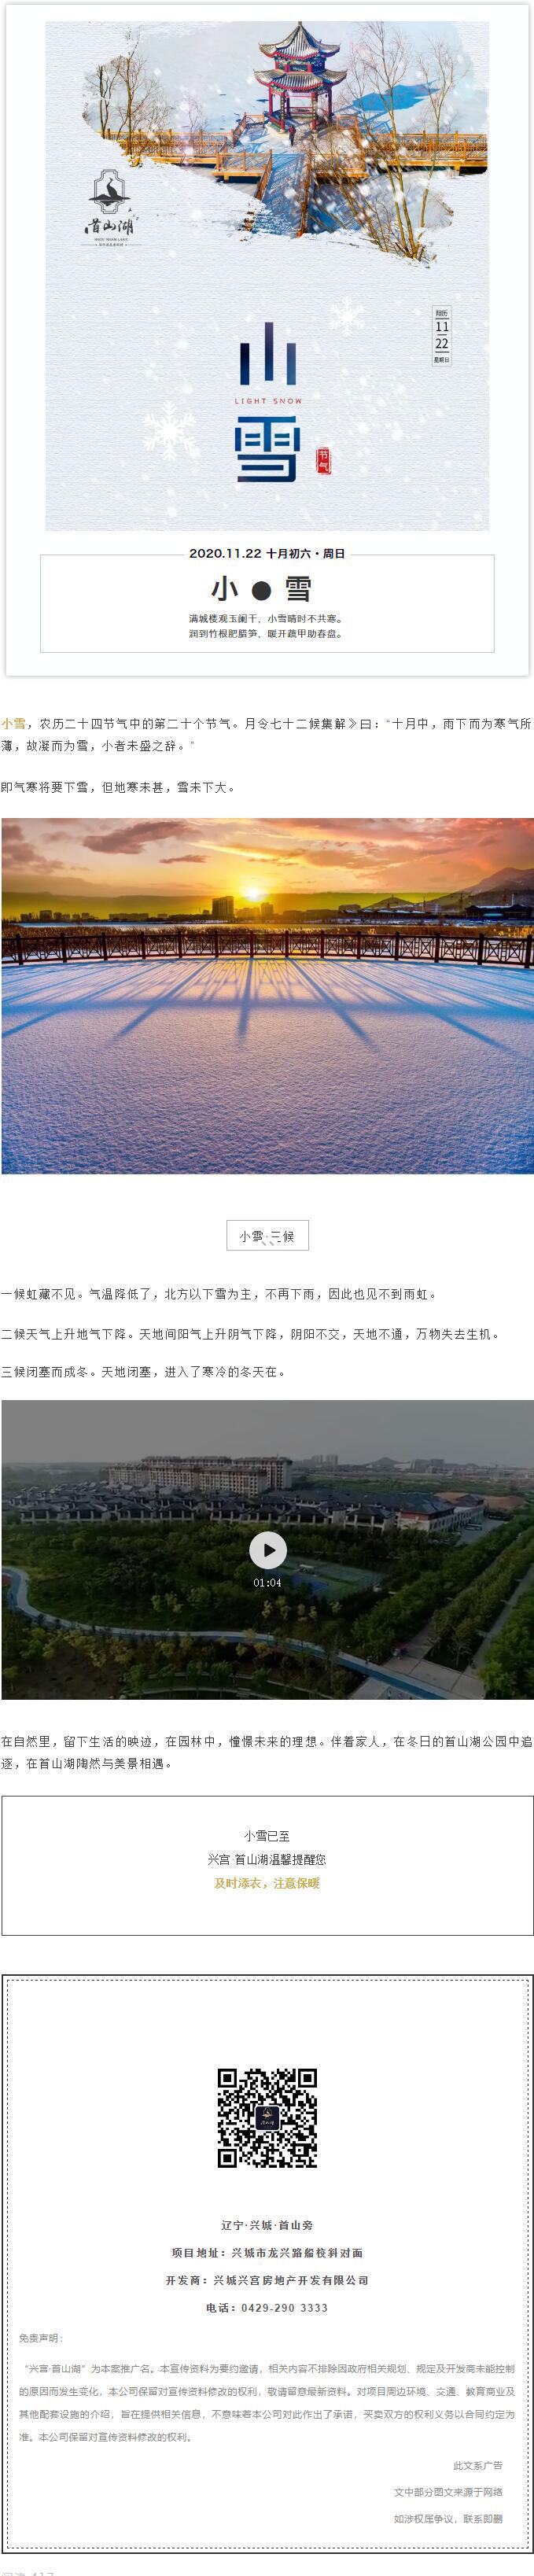 小雪丨兴宫·首山湖